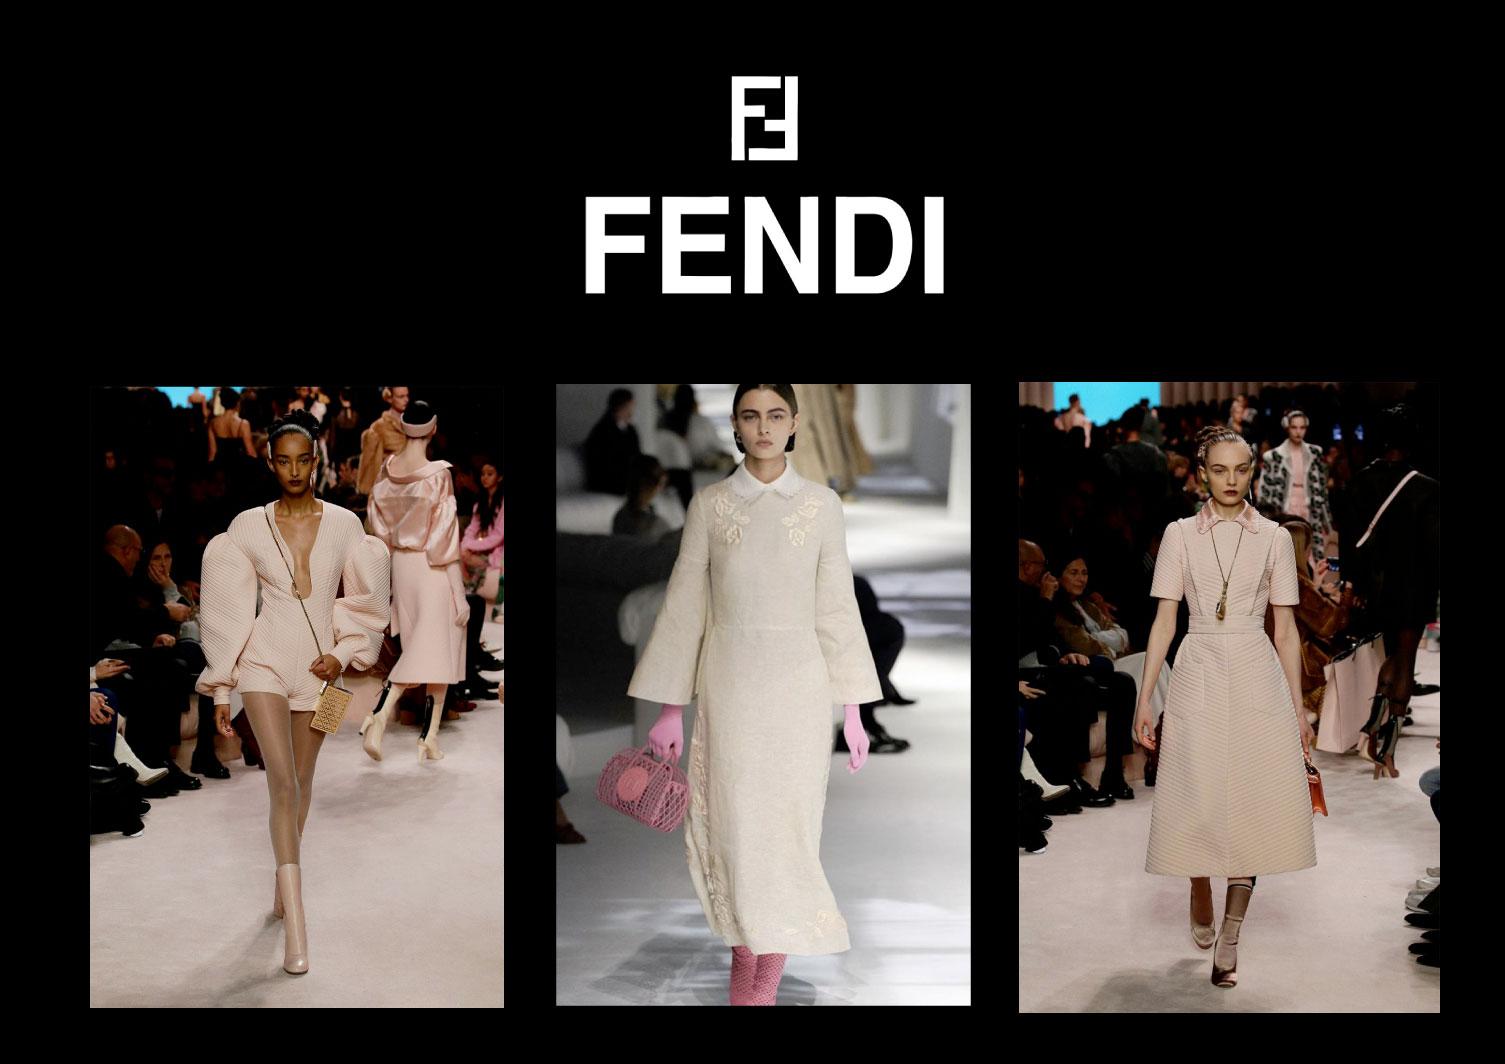 Fendi Color Schemes - High FAshion color trends 2021